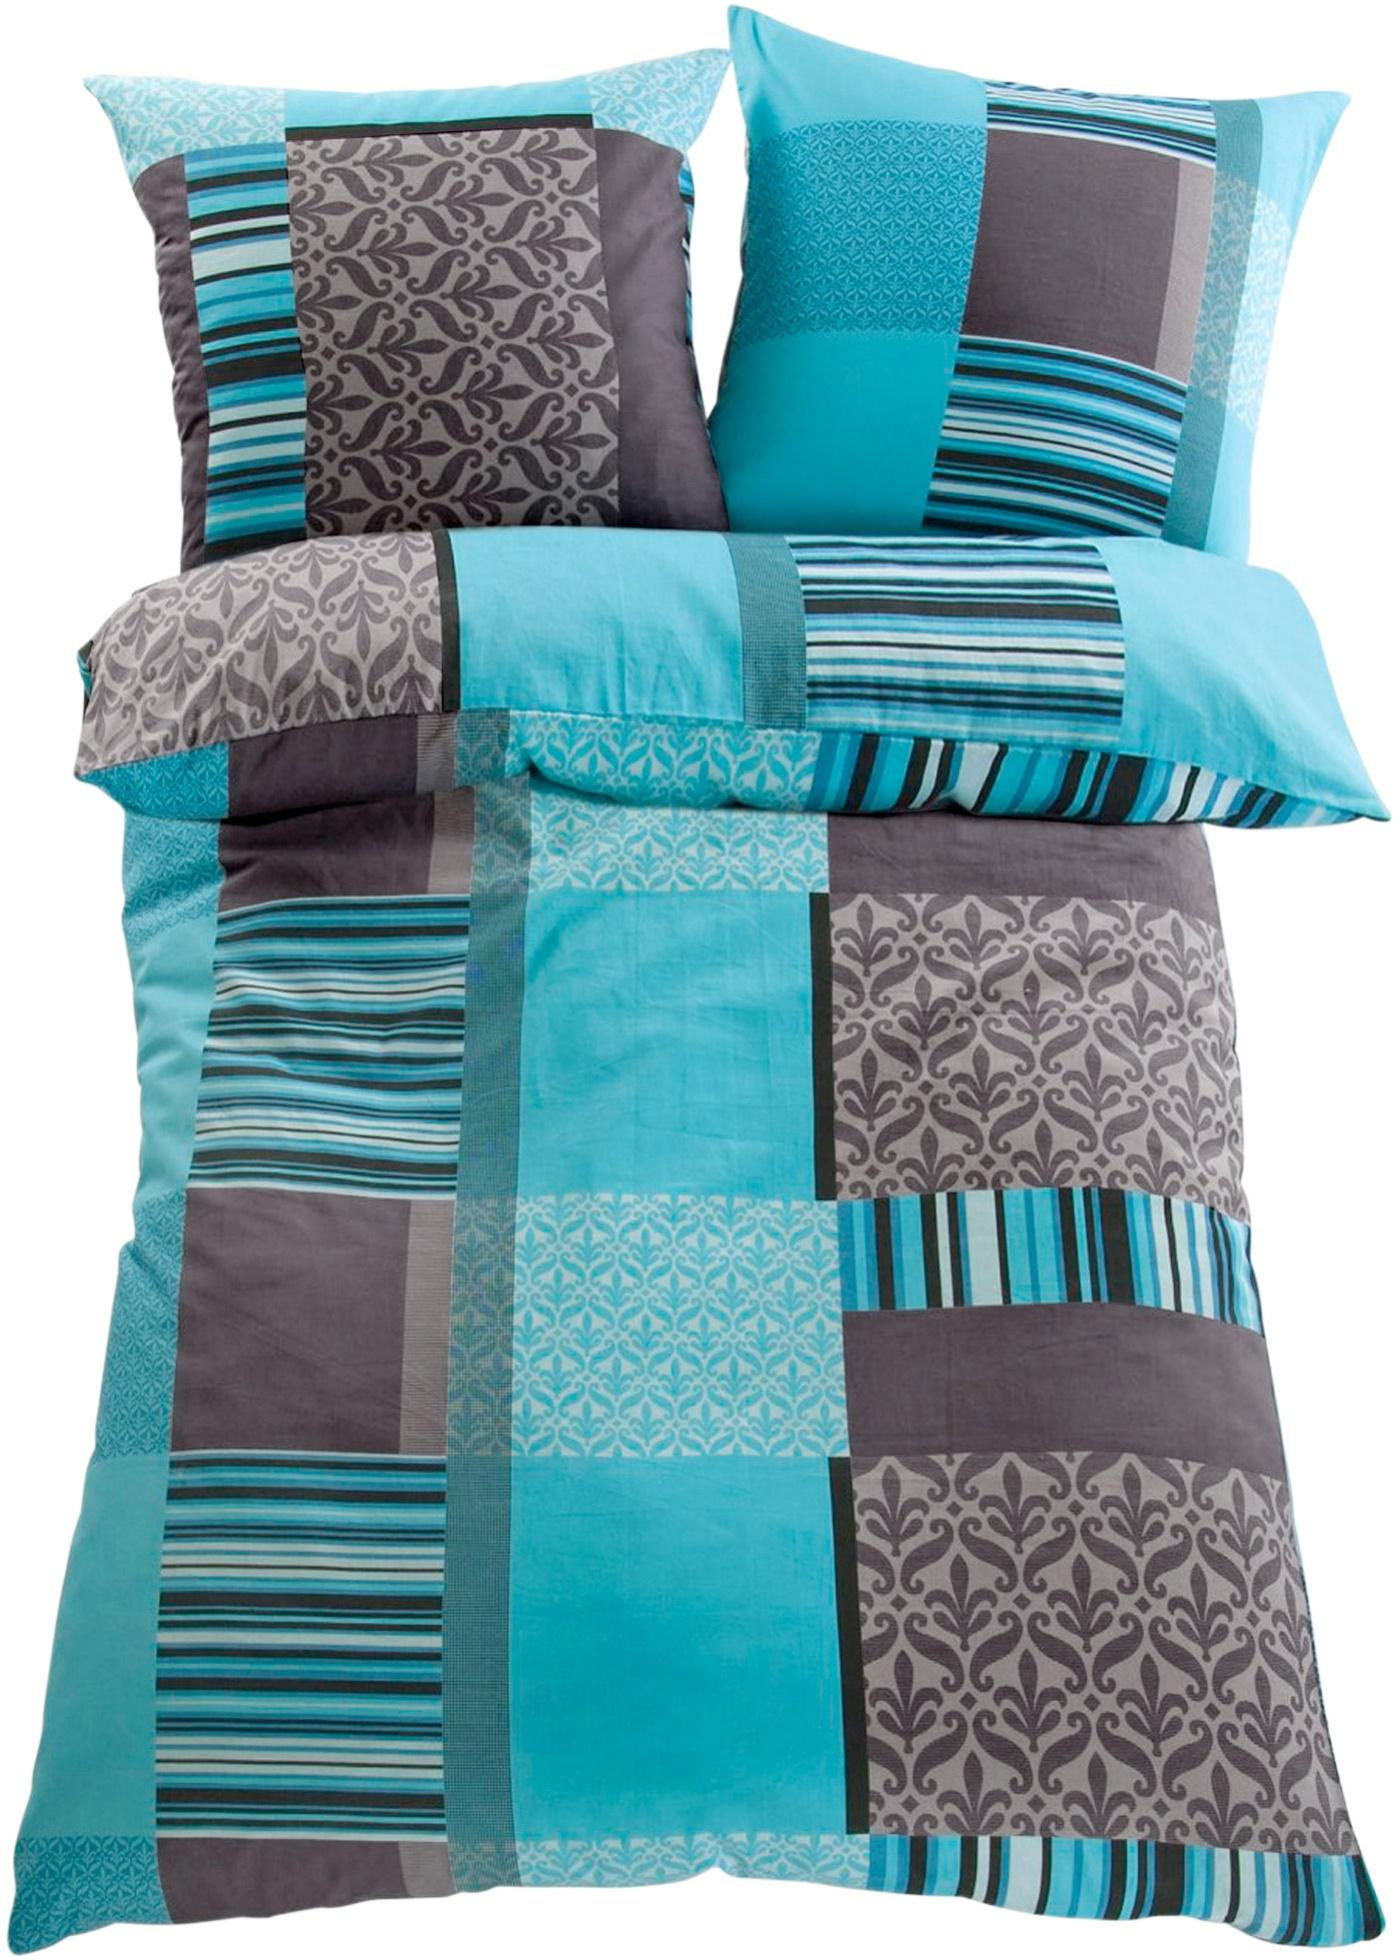 Linge de lit imprimé de motifs graphiques. Plusieurs coloris et différentes matières au choix. Existe en parure 2 ou 4 pièces.